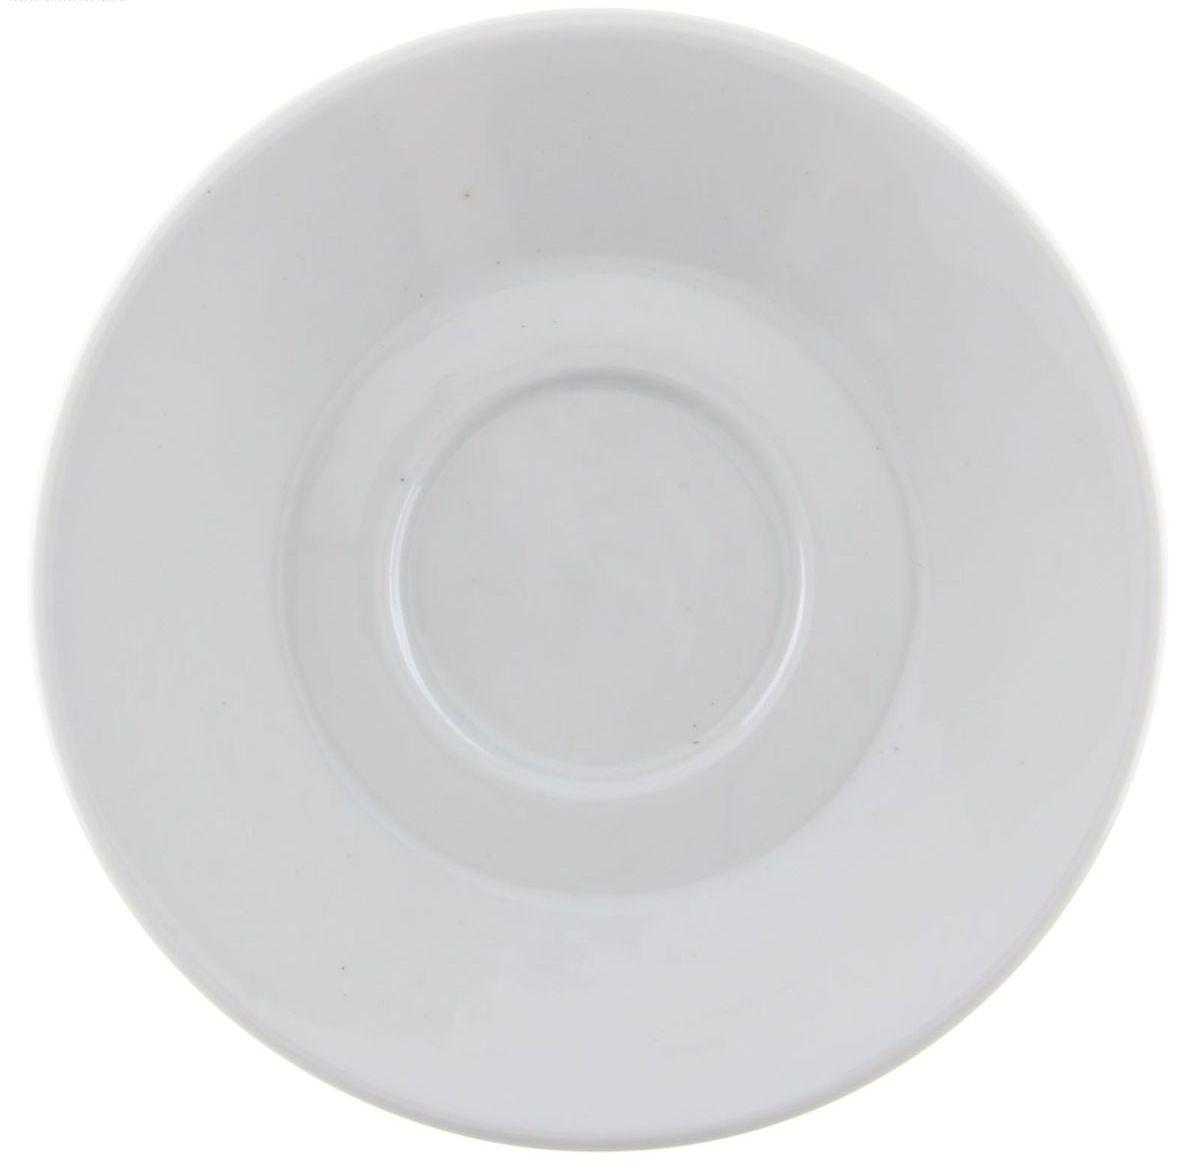 Блюдце кофейное Мокко. Белье, диаметр 11,5 см1303949Блюдце кофейное Мокко. Белье выполнено из высококачественного фарфора. Блюдце имеет классическую круглую форму с приподнятыми краями. Изделие прекрасно впишется в интерьер вашей кухни и станет достойным дополнением к кухонному инвентарю.